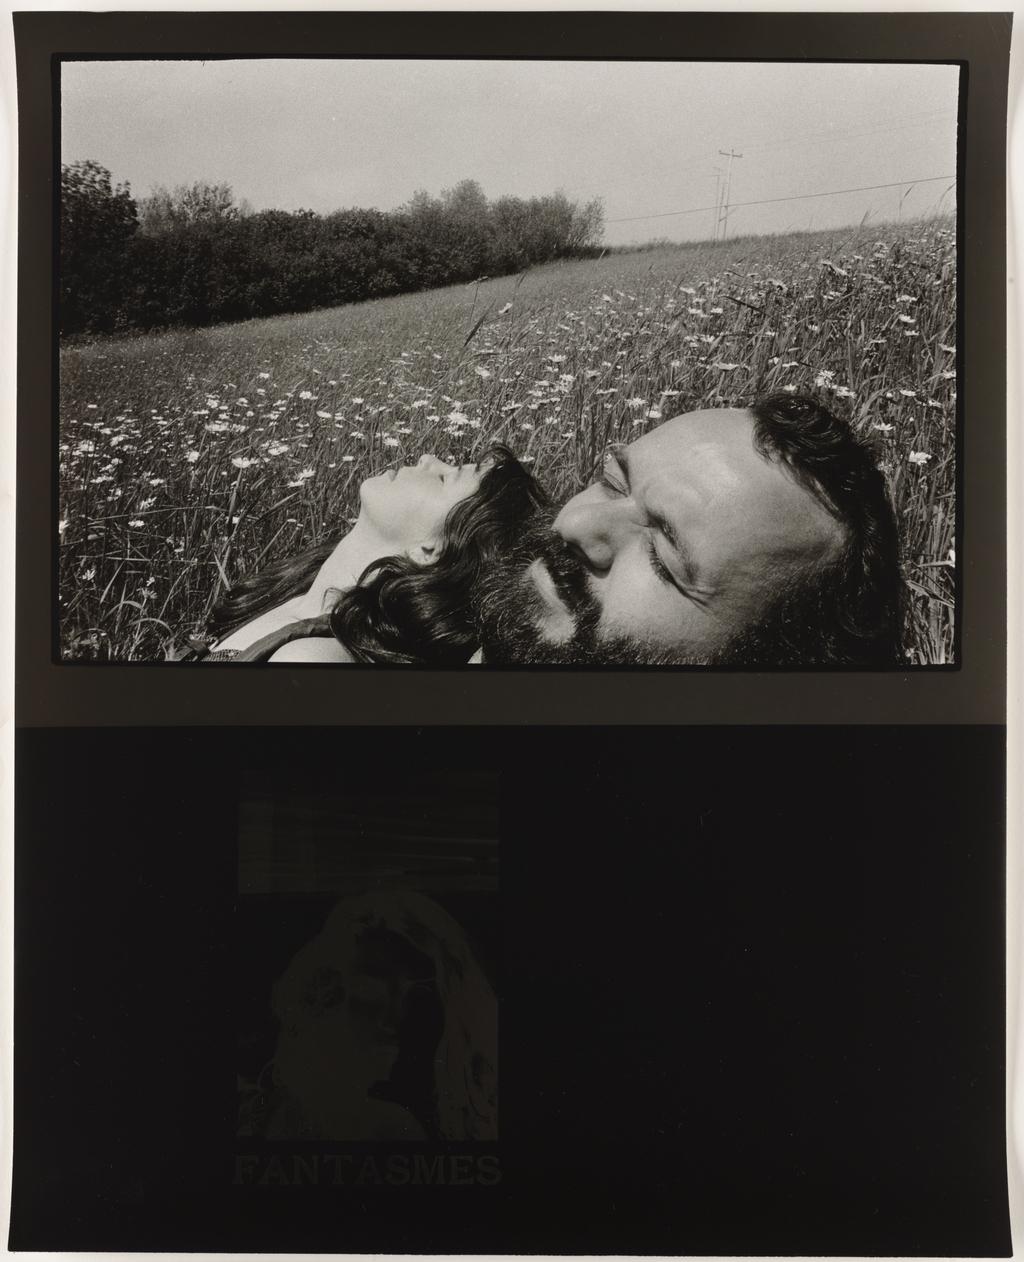 Autoportrait avec Nicole en Beauce, 1981 (haut); Image négative : Robert Frank, « Mary », extrait de l'album  « The Lines of My Hand », Lustrum Press, « Fantasmes », 1988 (bas), de la série Les Tremblements du coeur, deuxième séquence 6/8